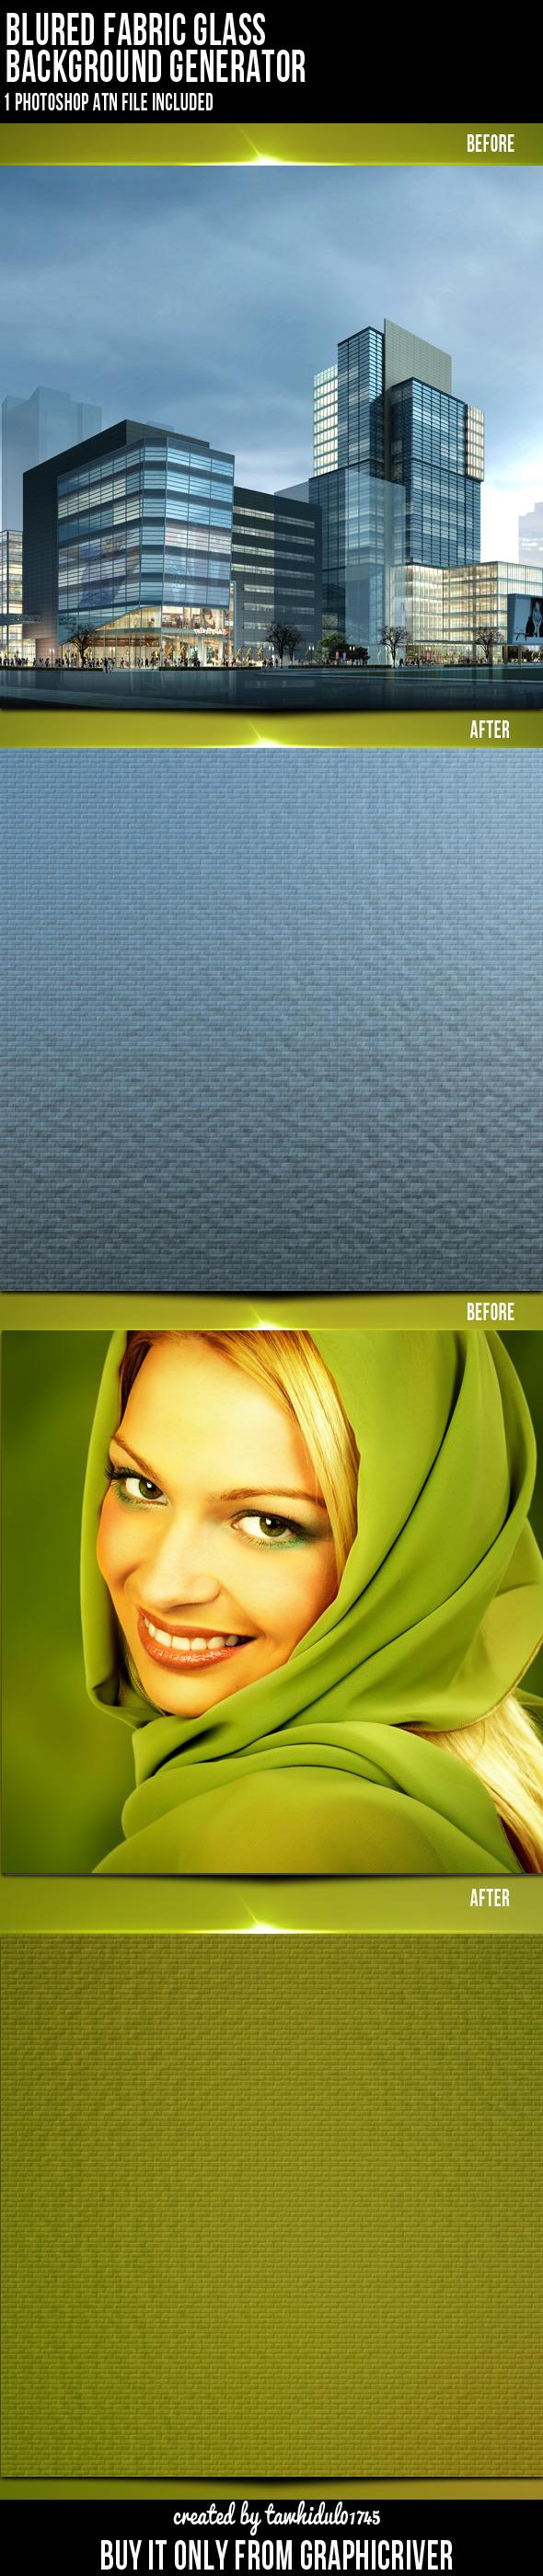 Background Generator Photoshop Action